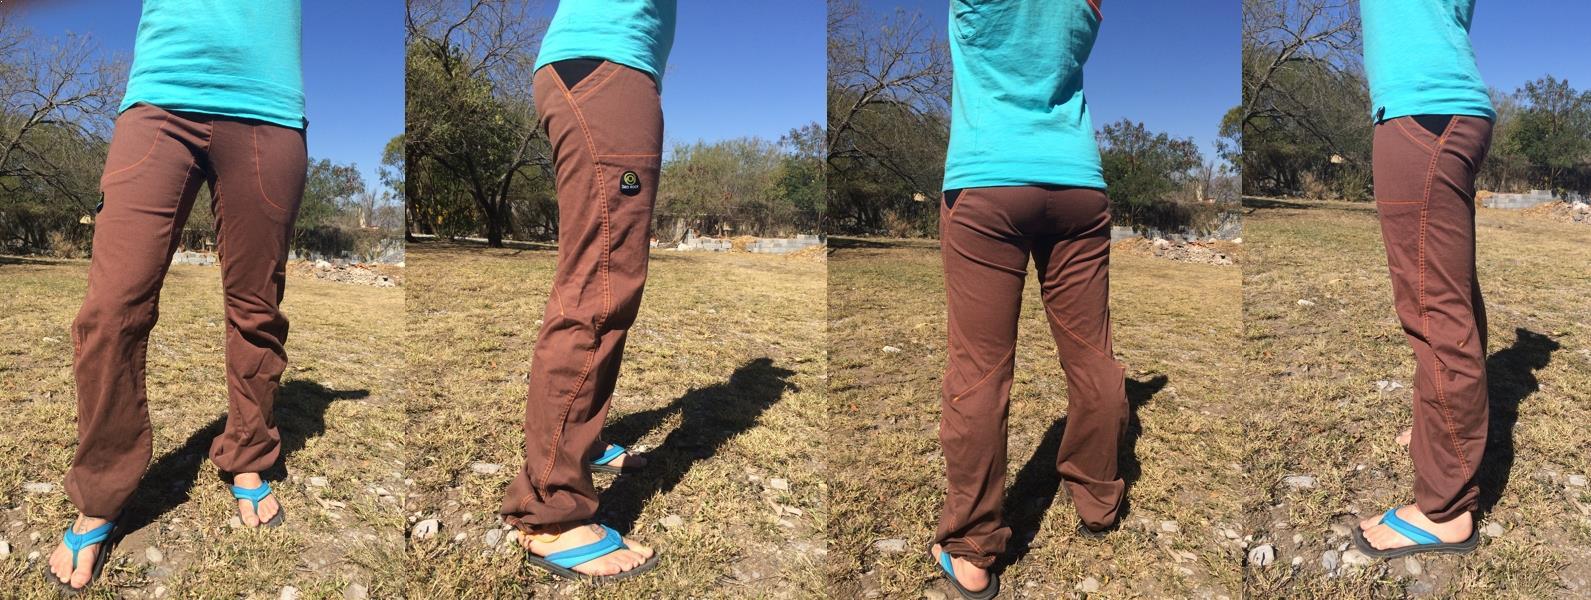 3rd Rock Skat Pants All Sides Alison